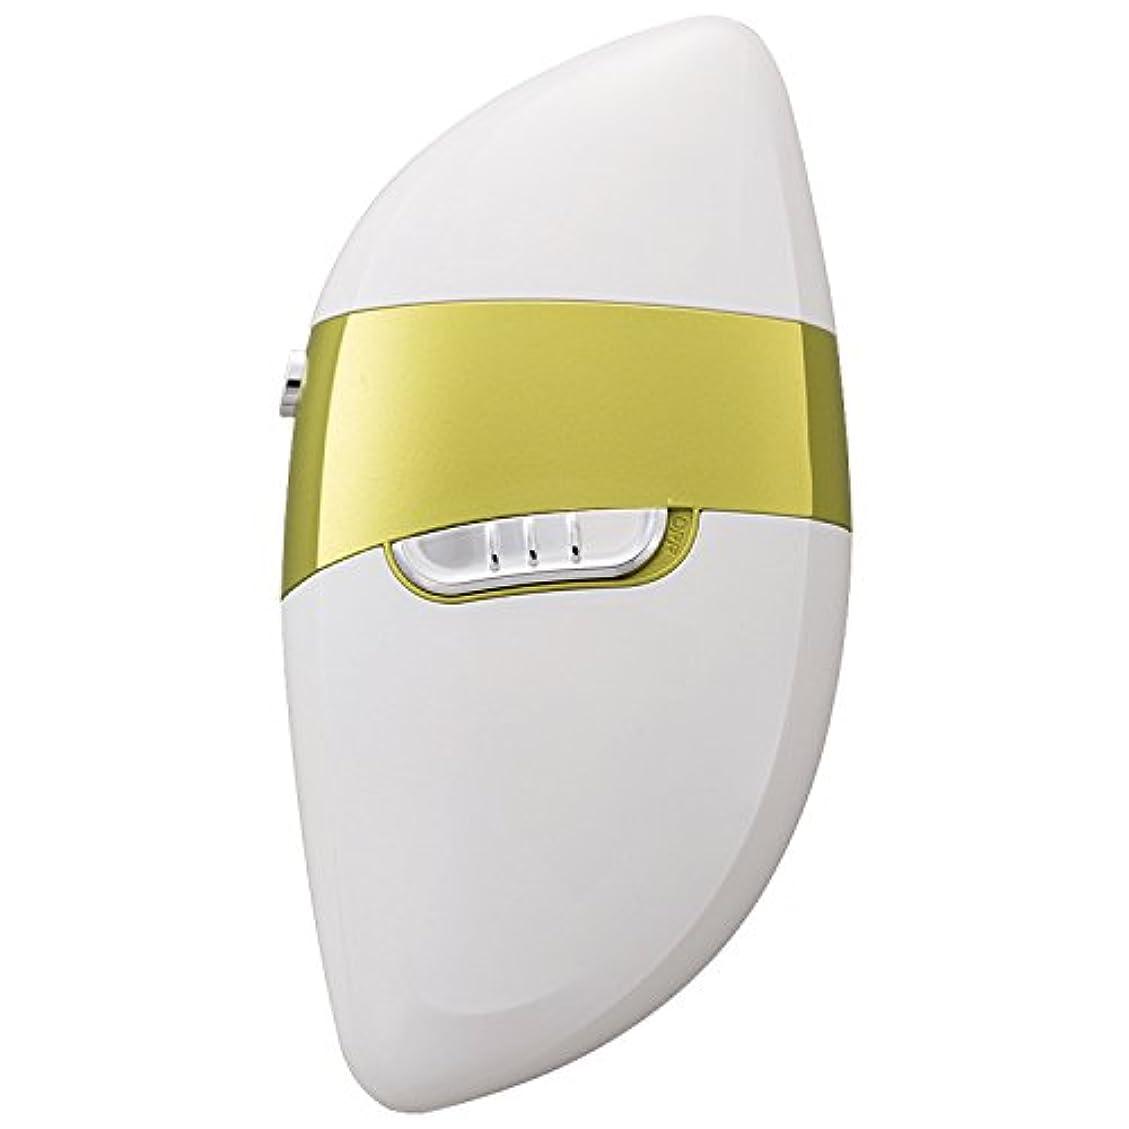 これらアノイガードマリン商事 電動爪切り Leaf 角質ローラー付 EL-50176